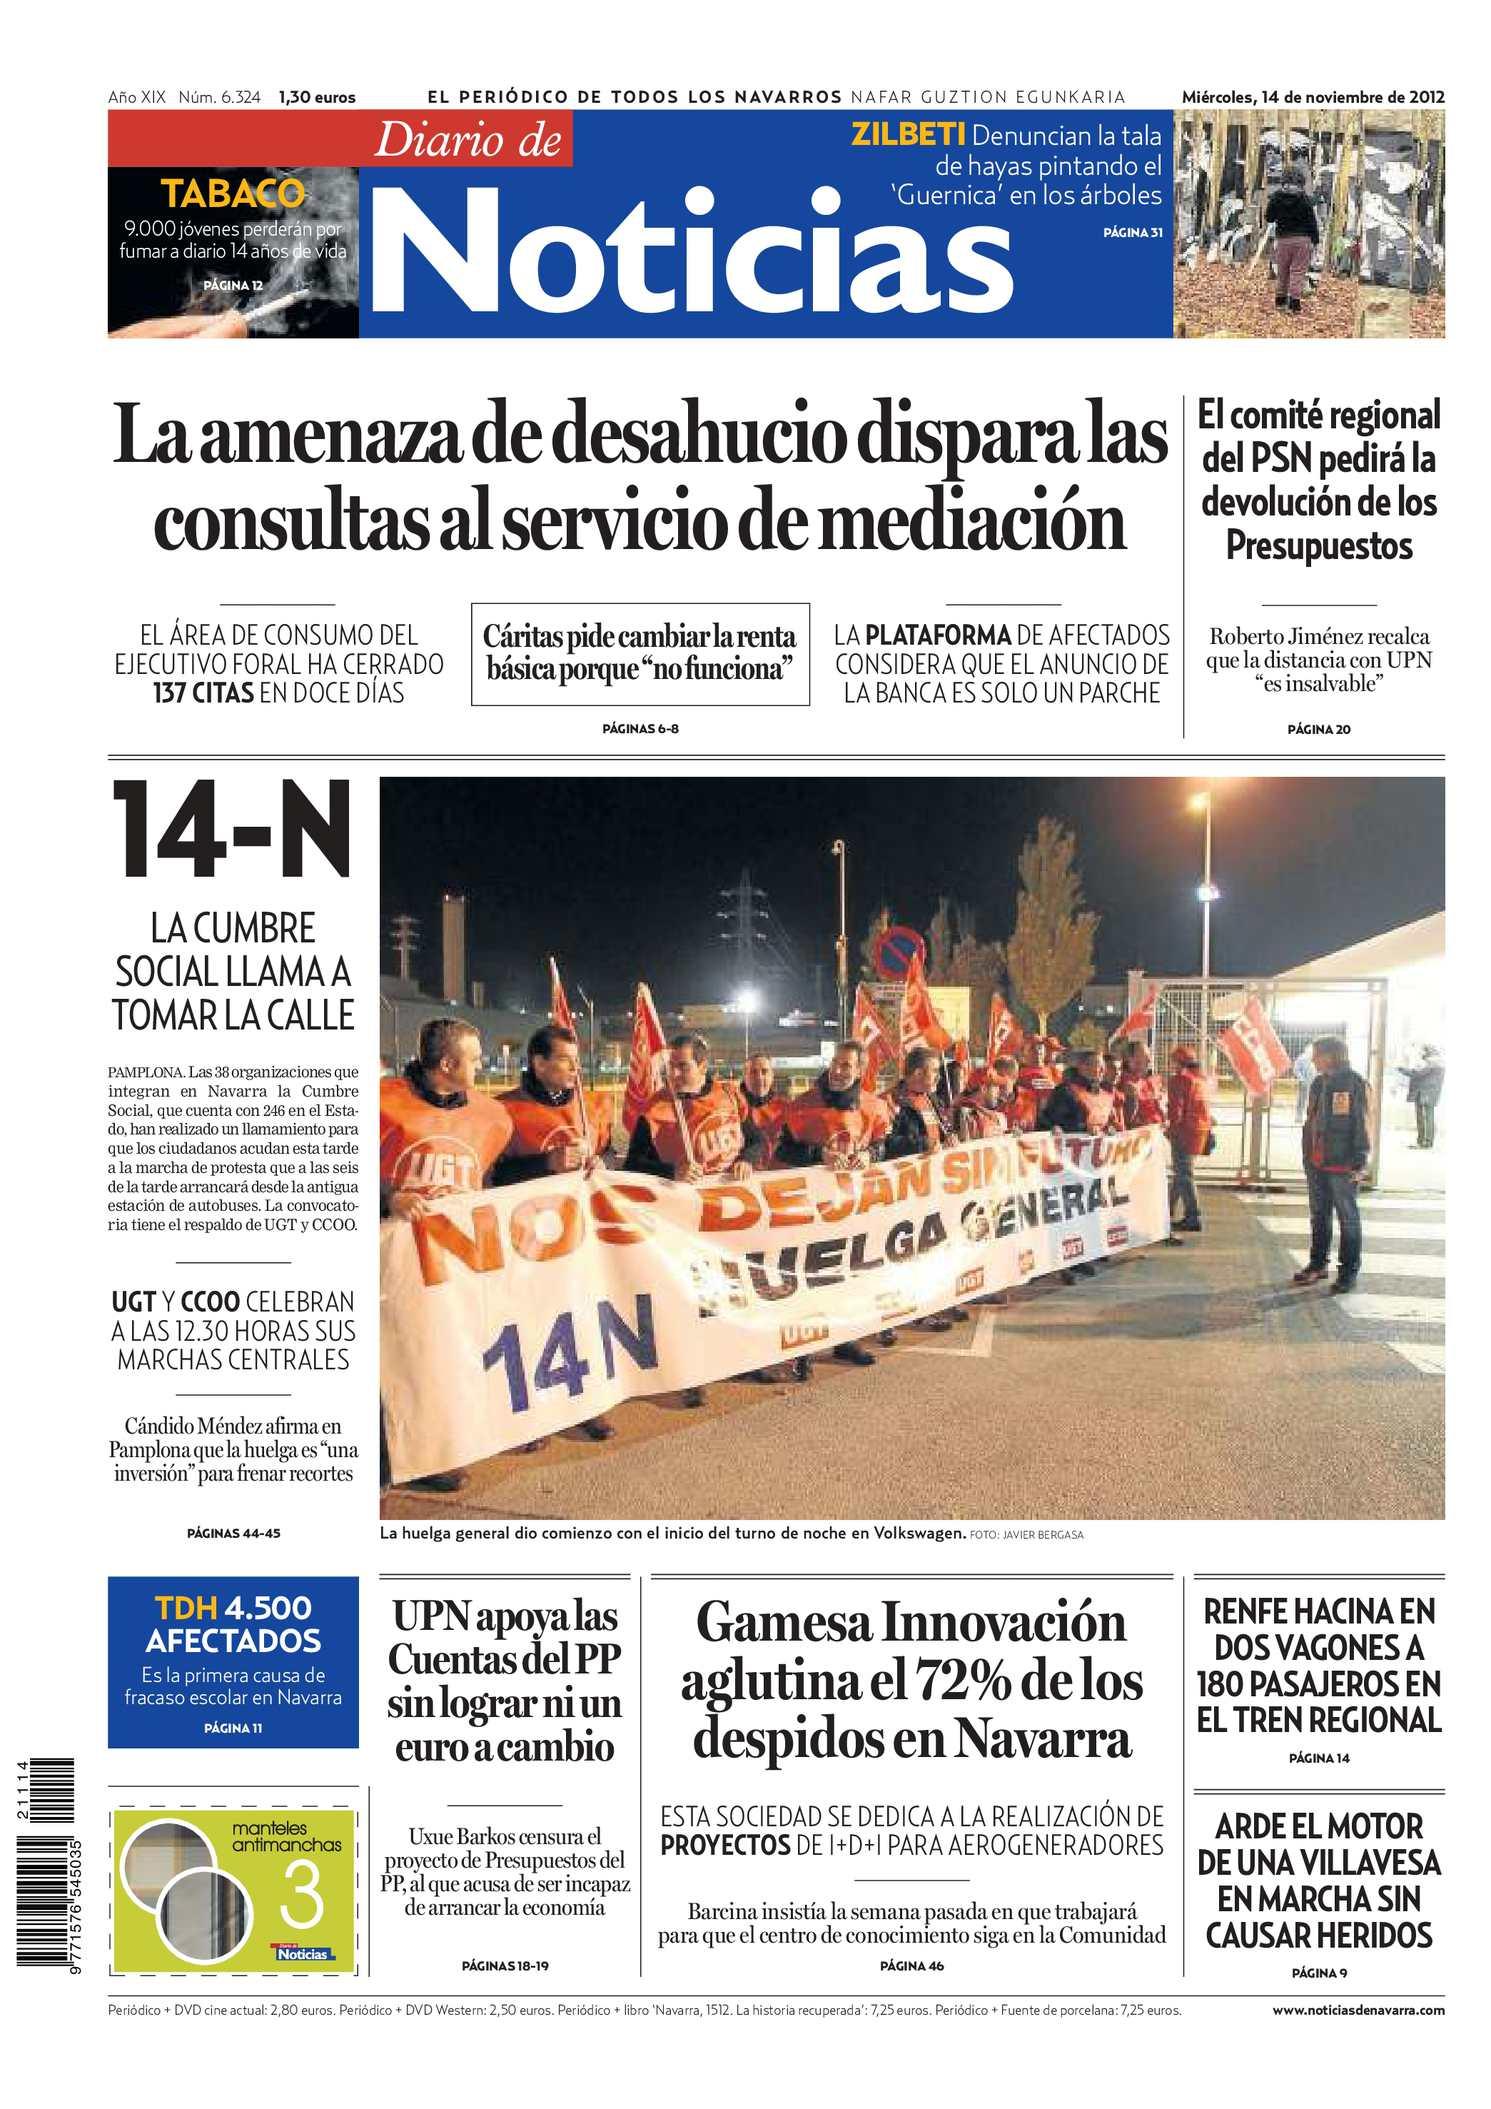 Calaméo - Diario de Noticias 20121114